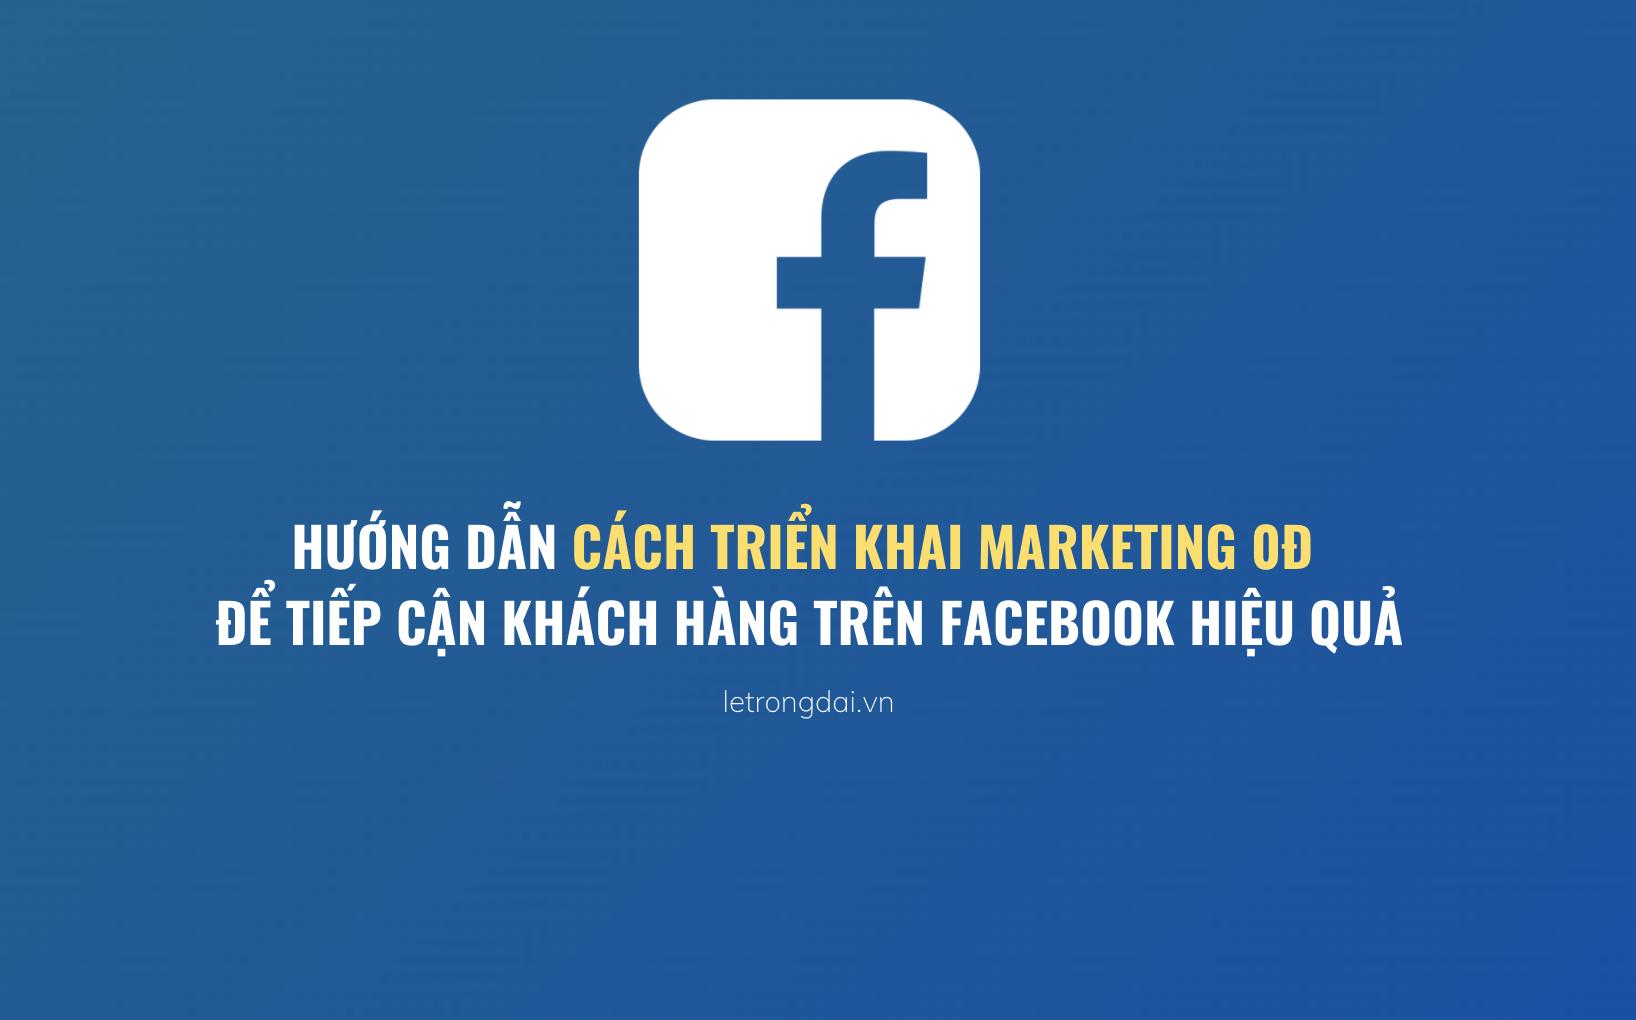 Hướng Dẫn Cách Triển Khai Marketing 0đ để Tiếp Cận Khách Hàng Trên Facebook Hiệu Quả